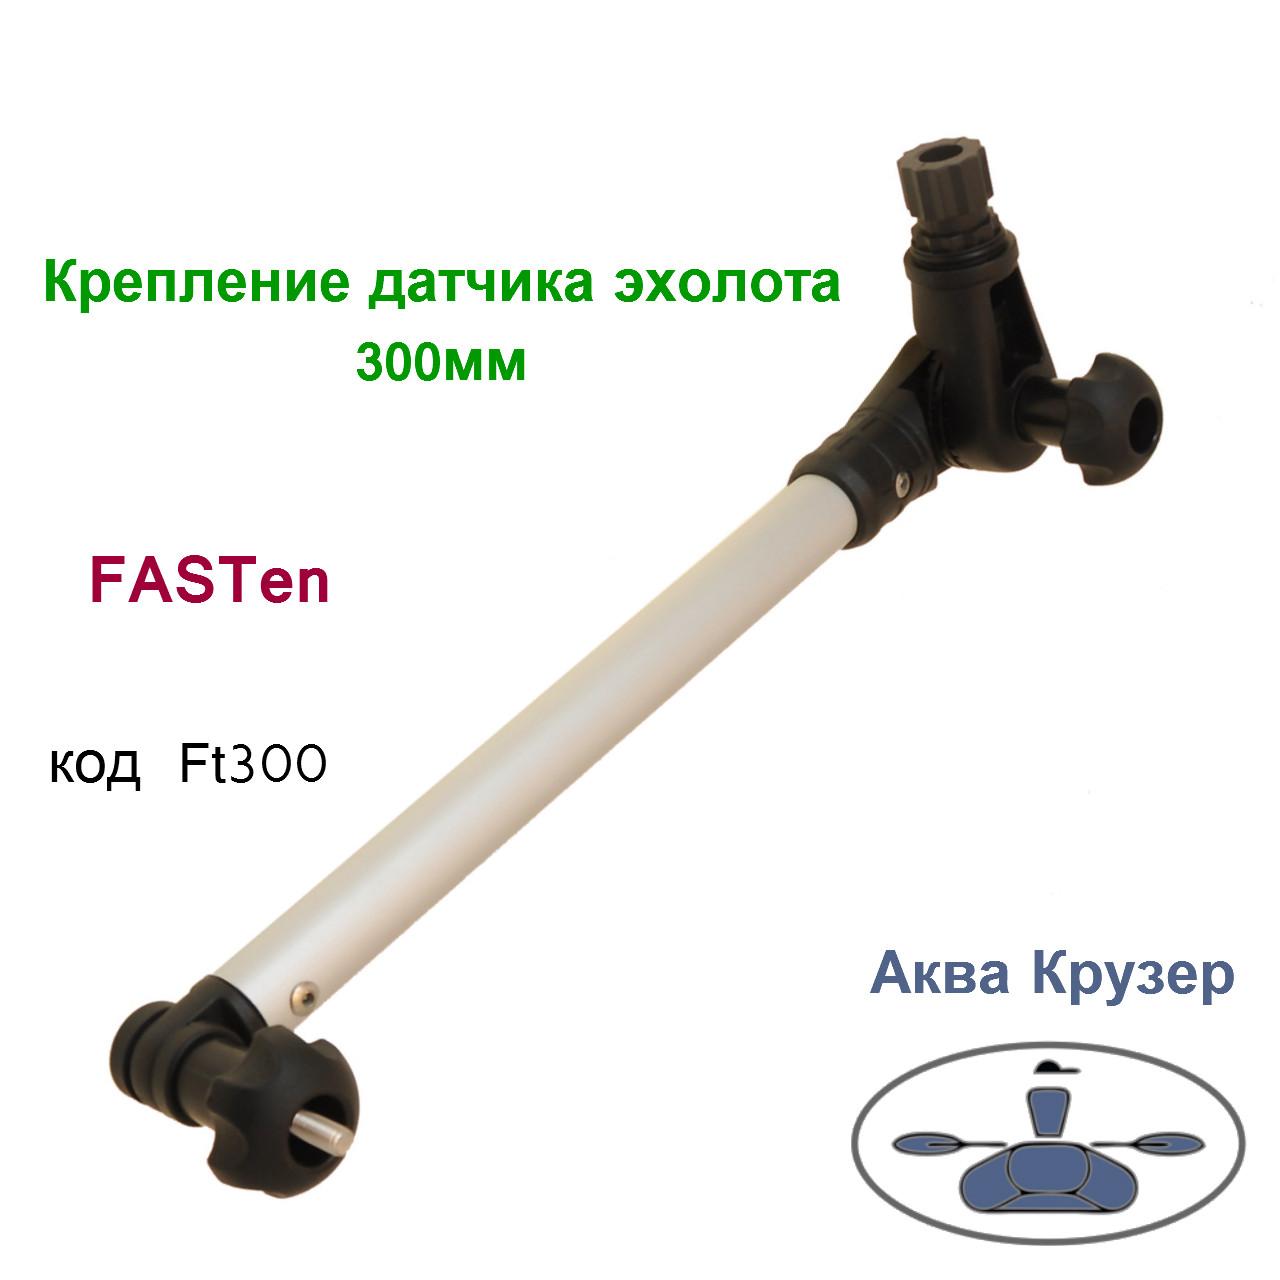 держатель fasten - купить крепление датчика эхолота